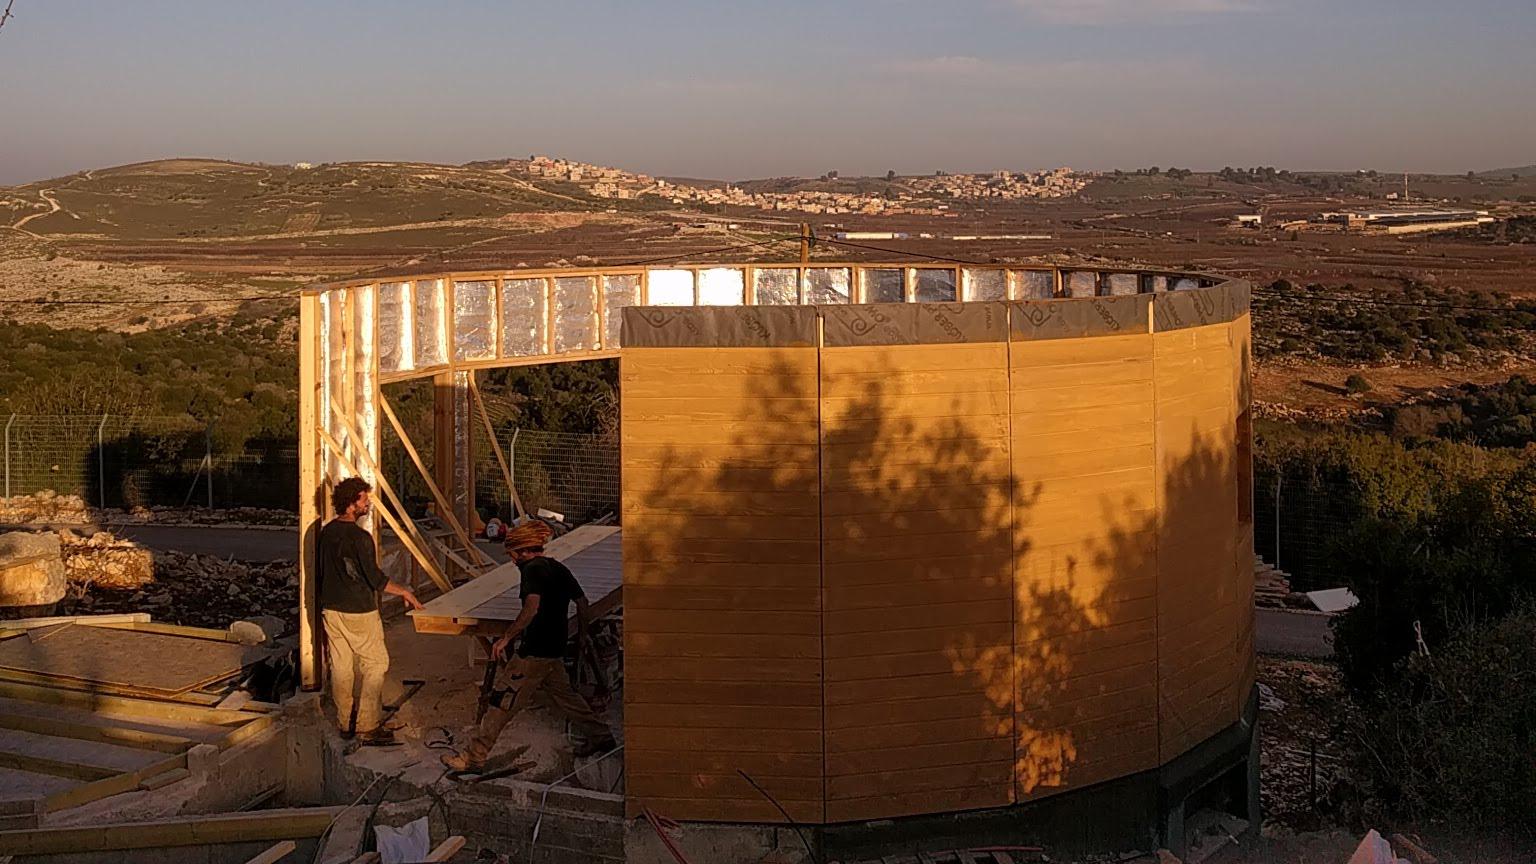 או בקתה מונגולית בנייה של בית מונגולי